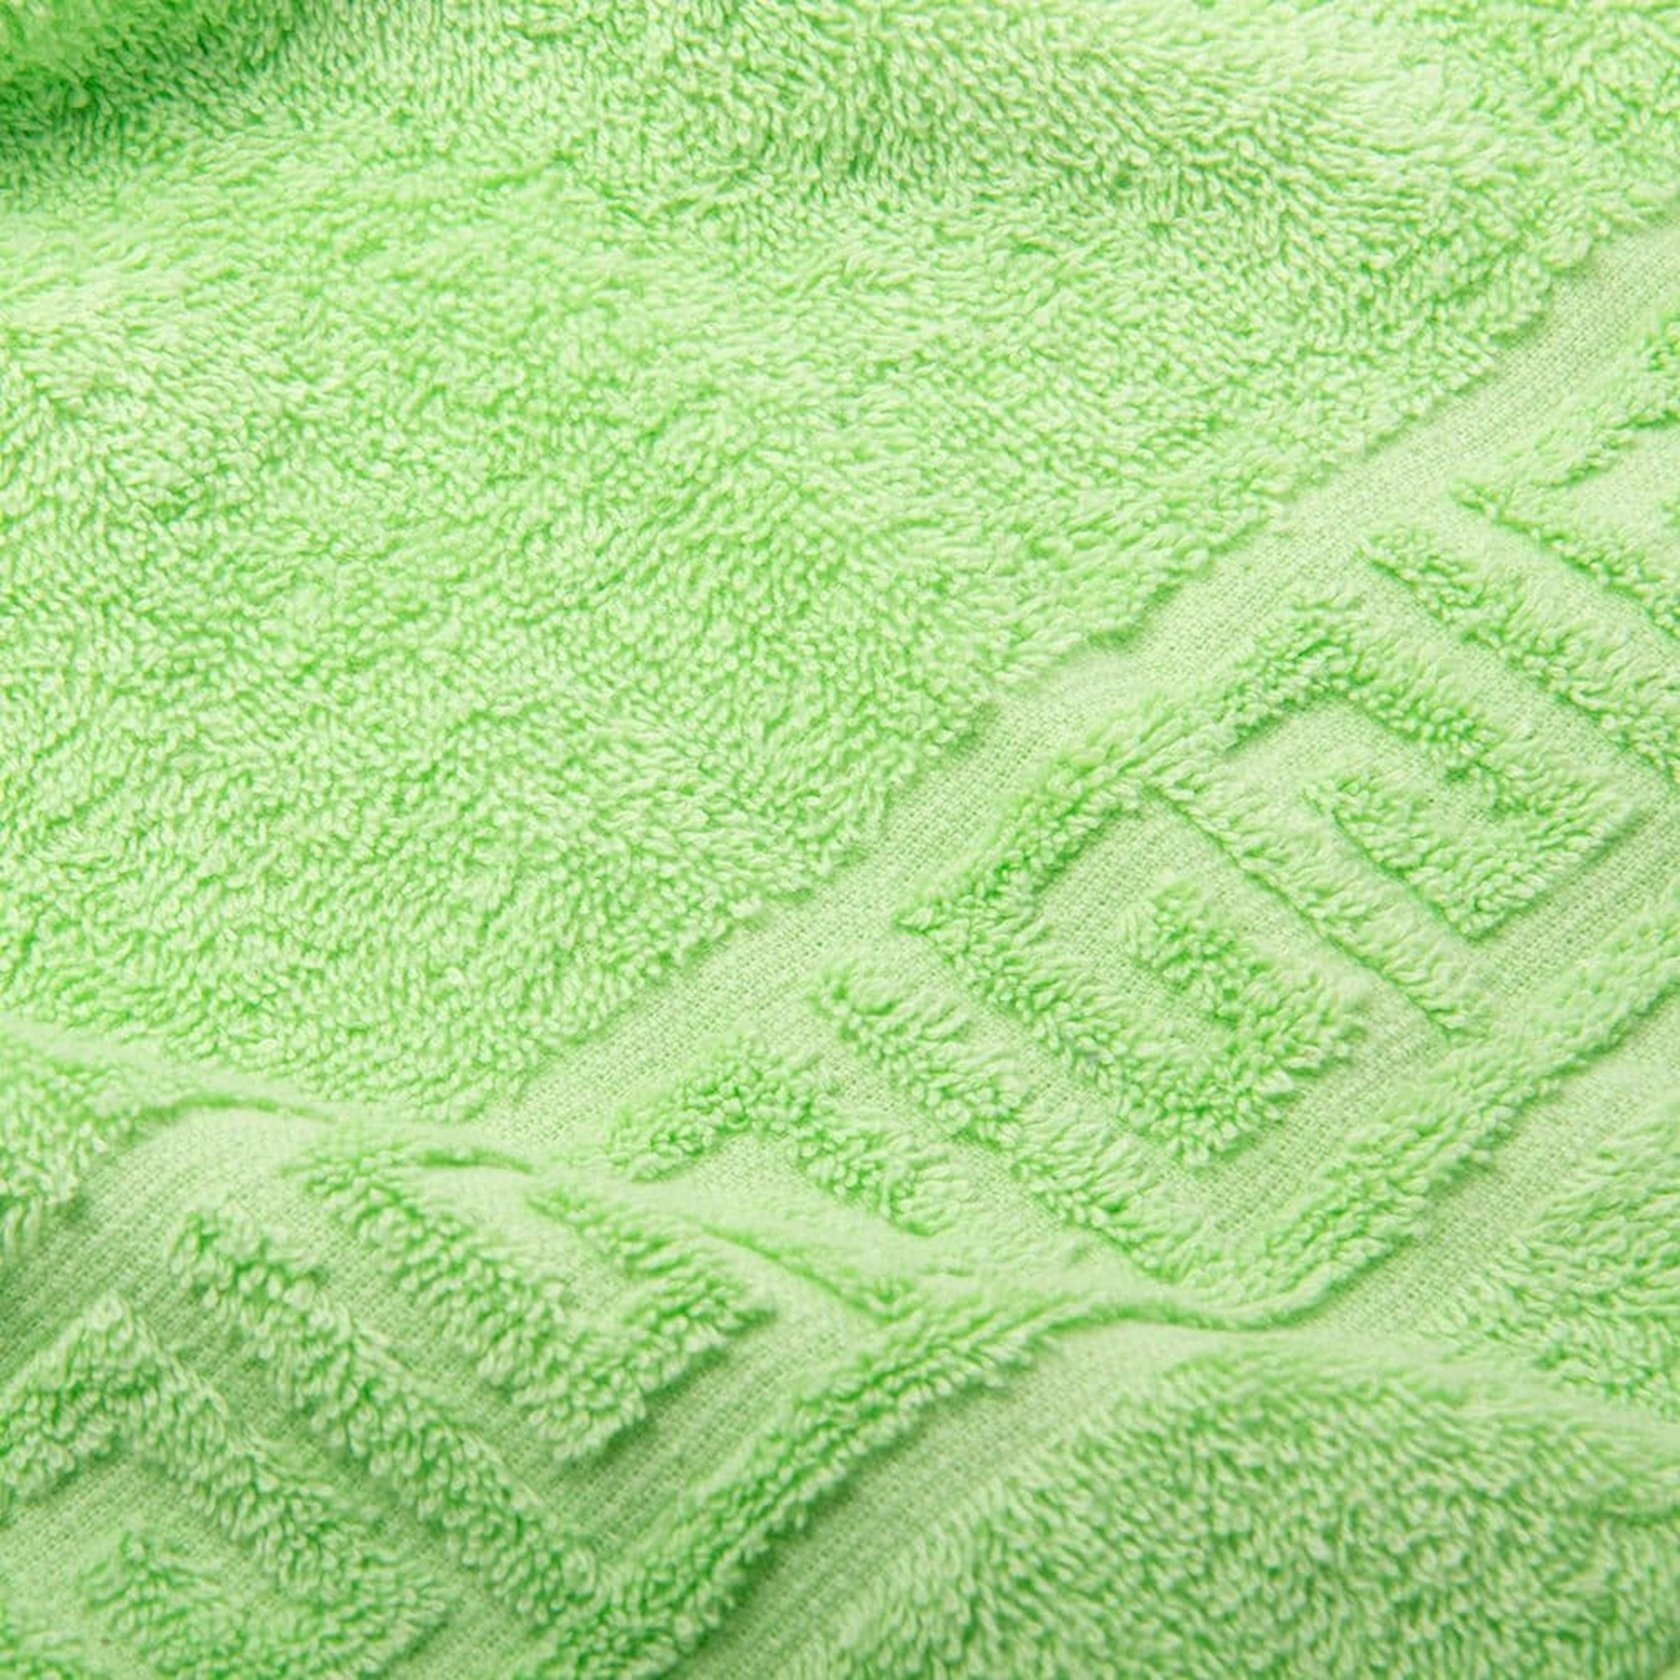 Dəsmal ADT Pistachio green 50x90, sıxlıq 430 qr/m²